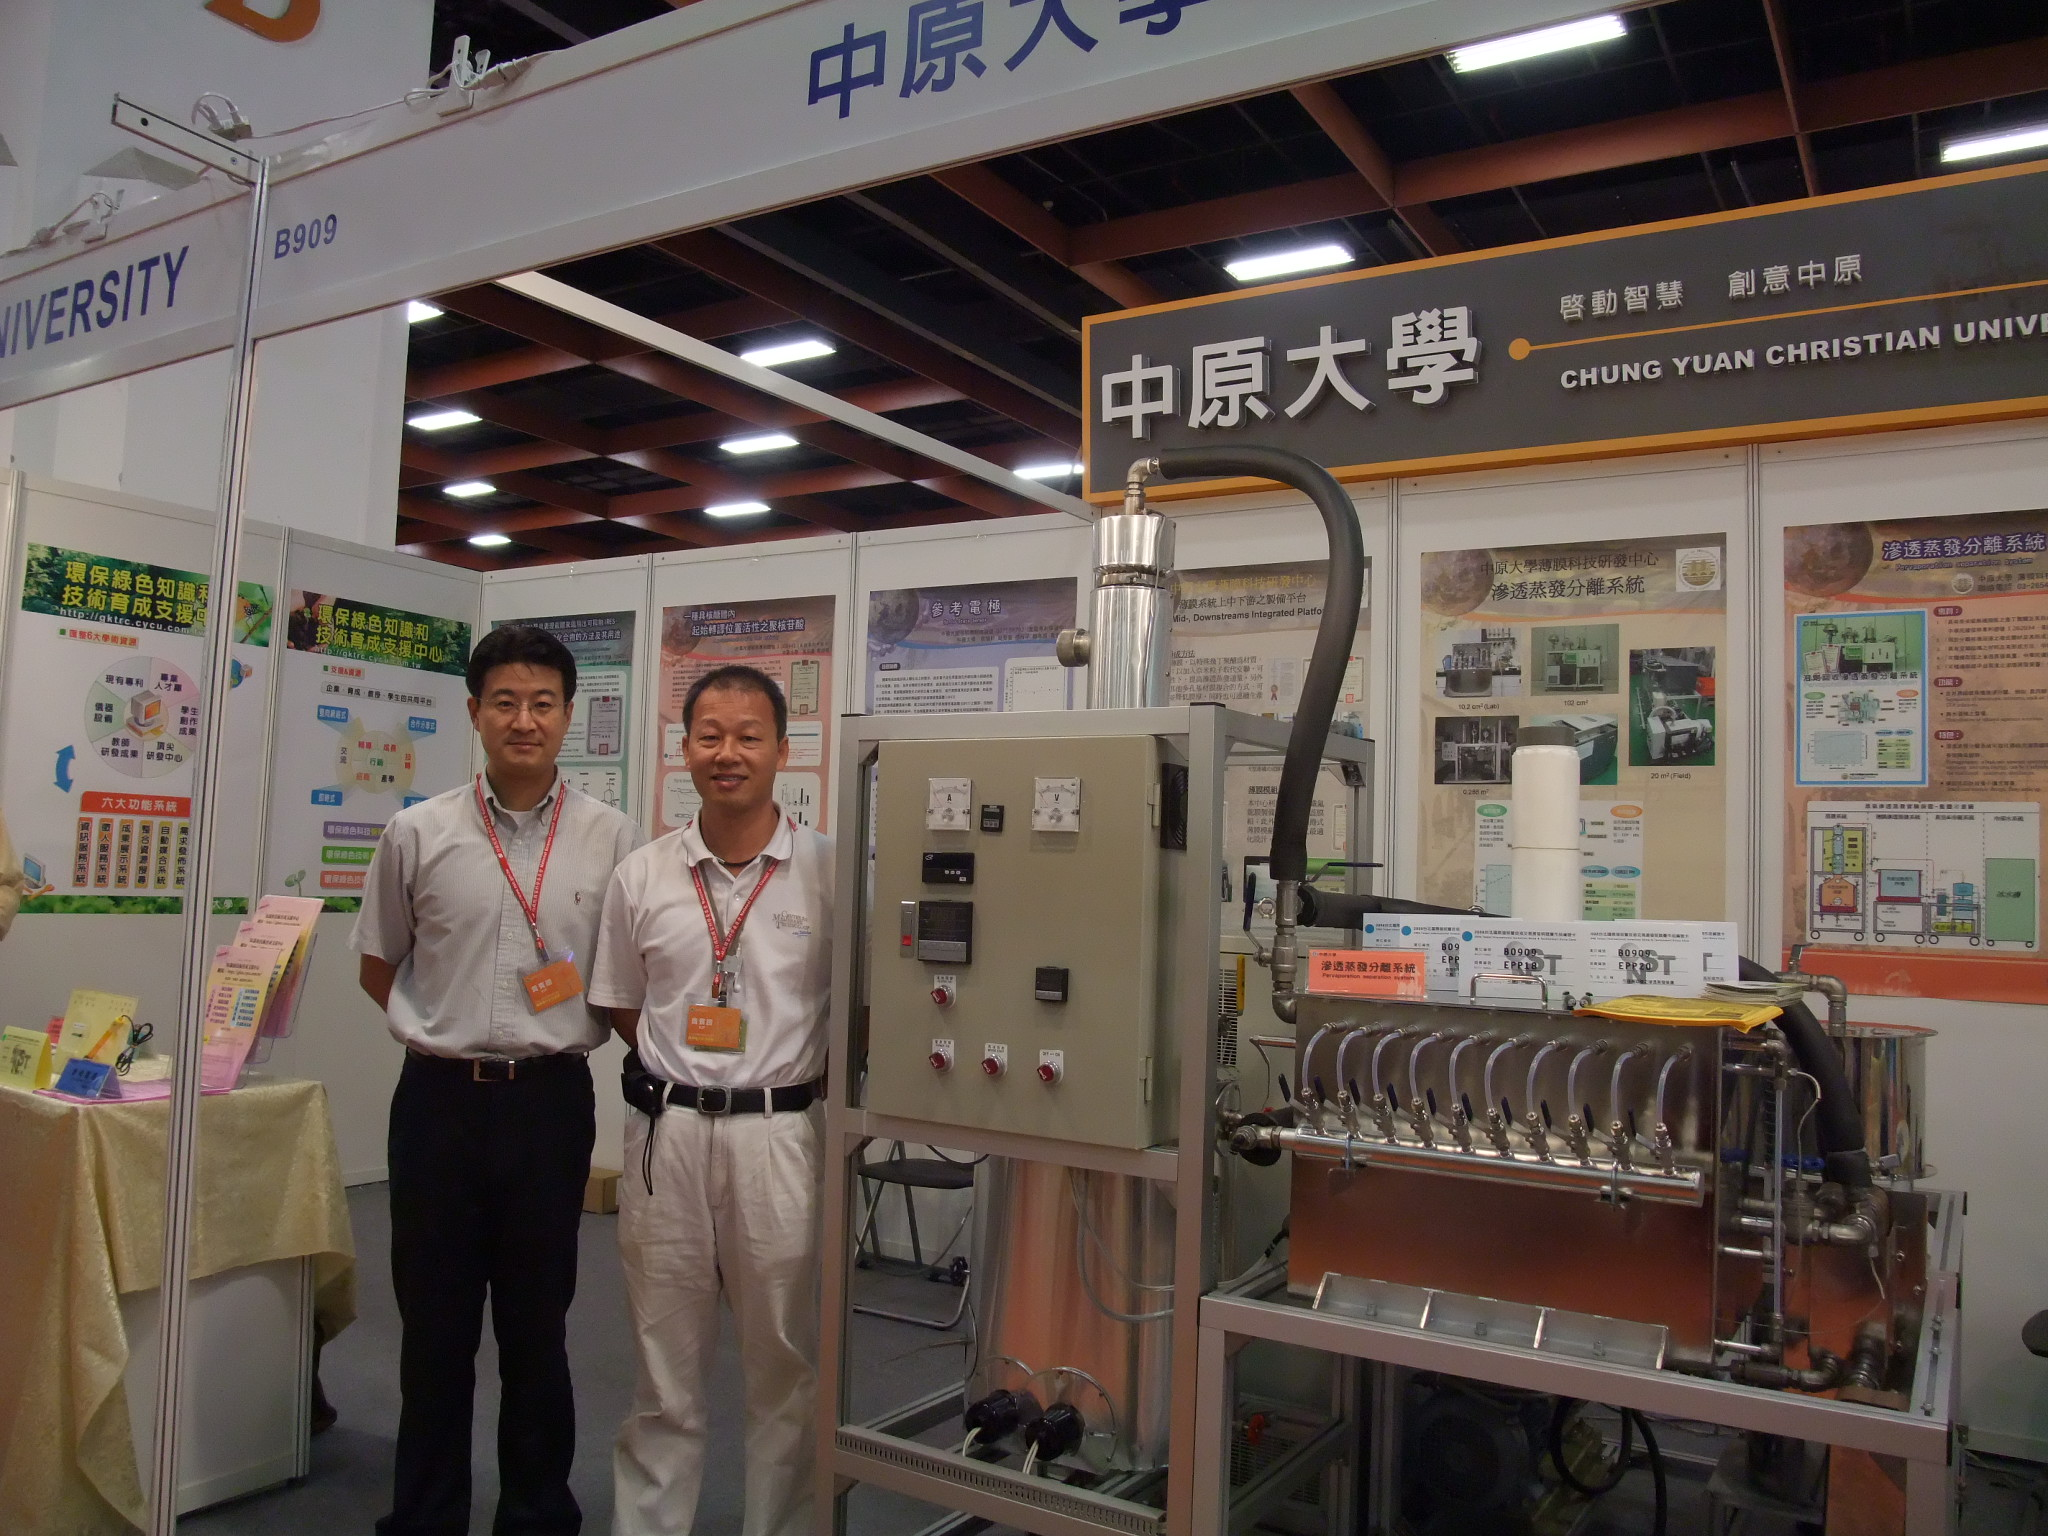 中原參加台北國際發明暨技術交易展-發明競賽 贏得二金、二銀、一銅